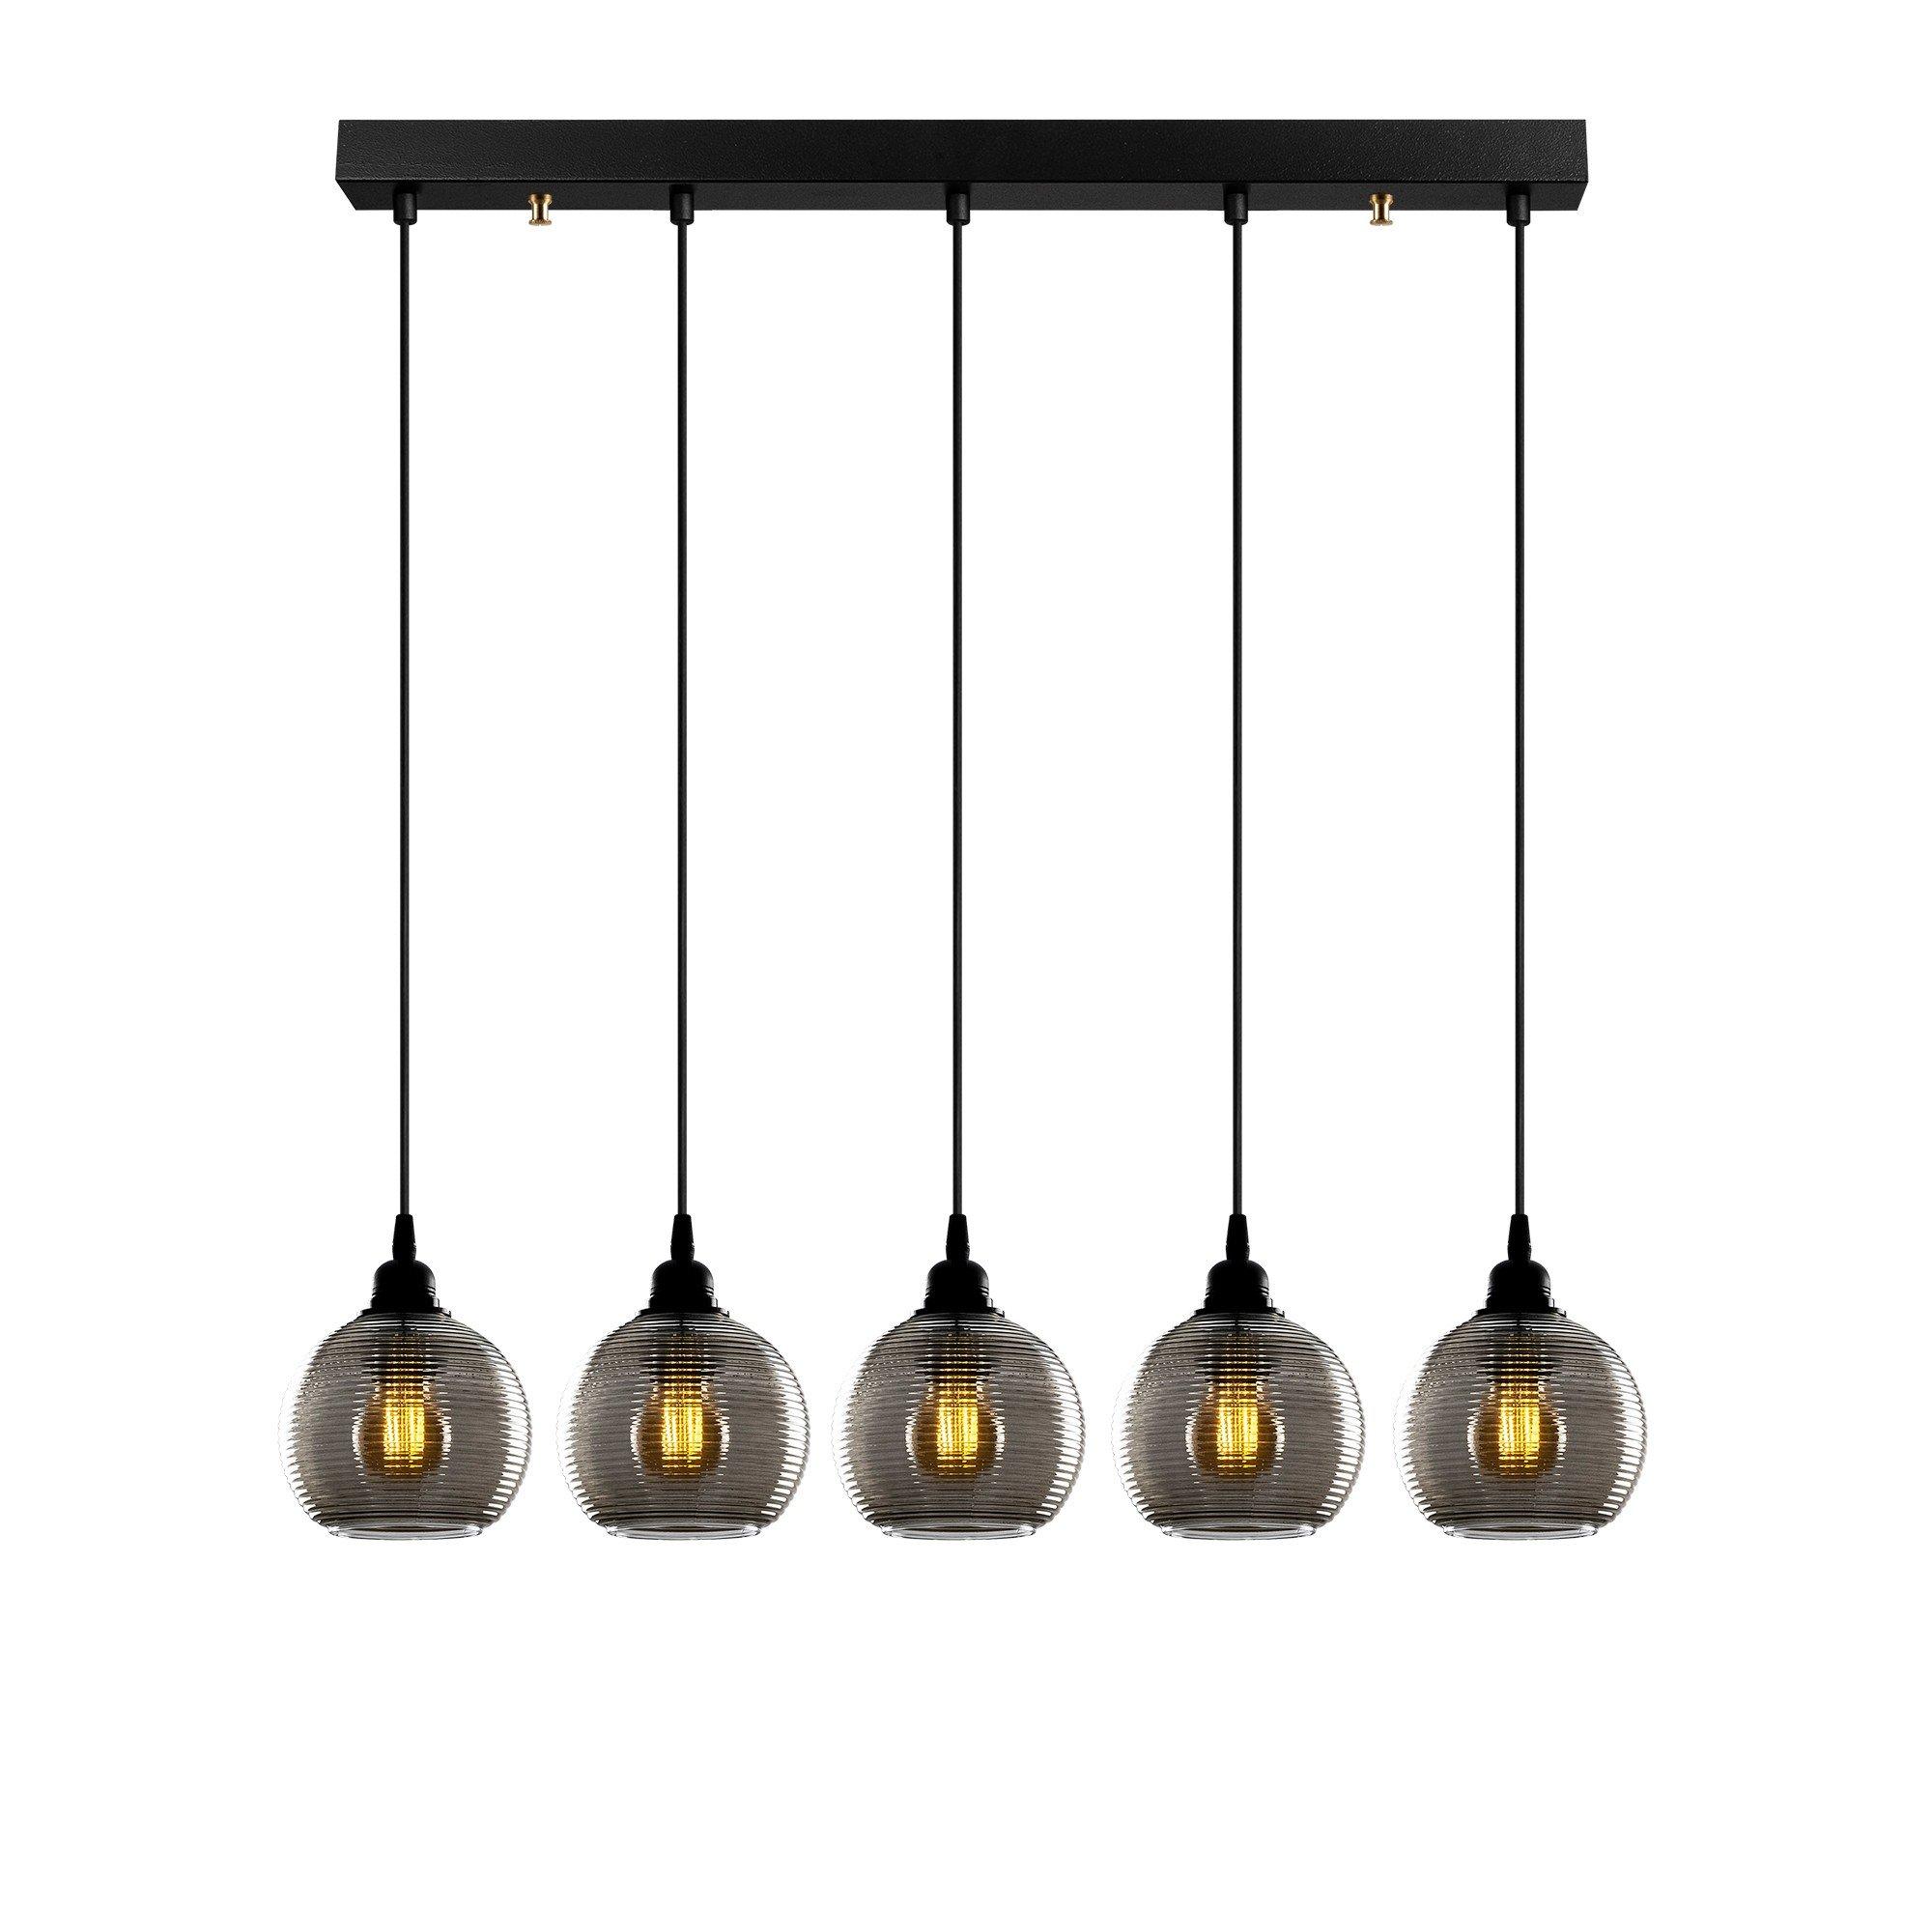 Hanglamp smoked glass lampen zwart 5 keer E27 fitting - vooraanzicht lampen aan